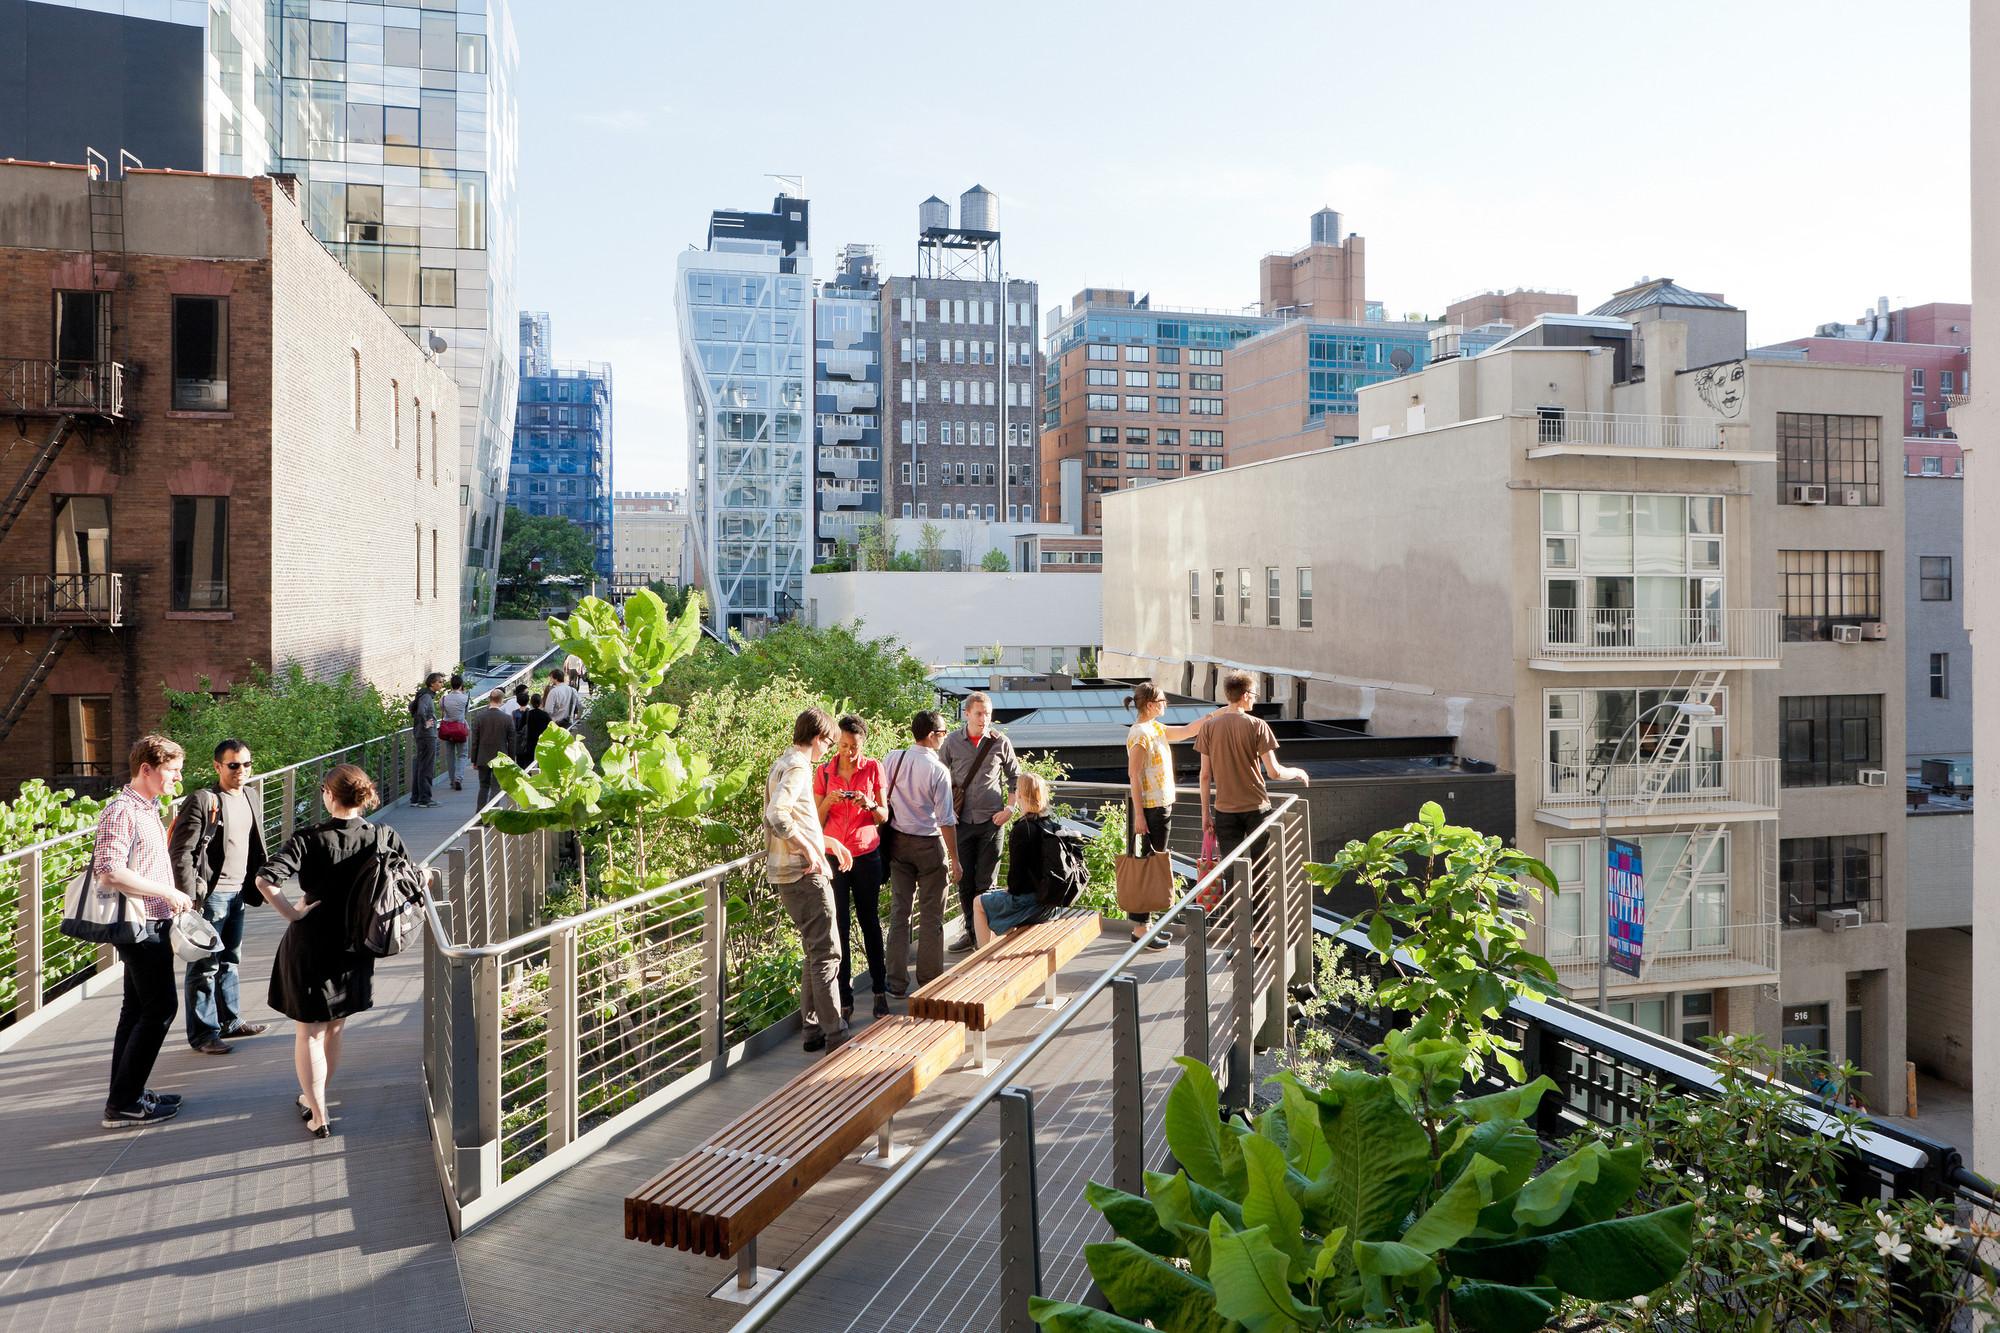 Segunda etapa: en Falcone Flyover, la vía se eleva dos metros y medio por encima del High Line, serpenteando a través de un dosel de árboles, entre West 25th y West 27th Street, mirando hacia el sur. Image © Iwan Baan, 2011